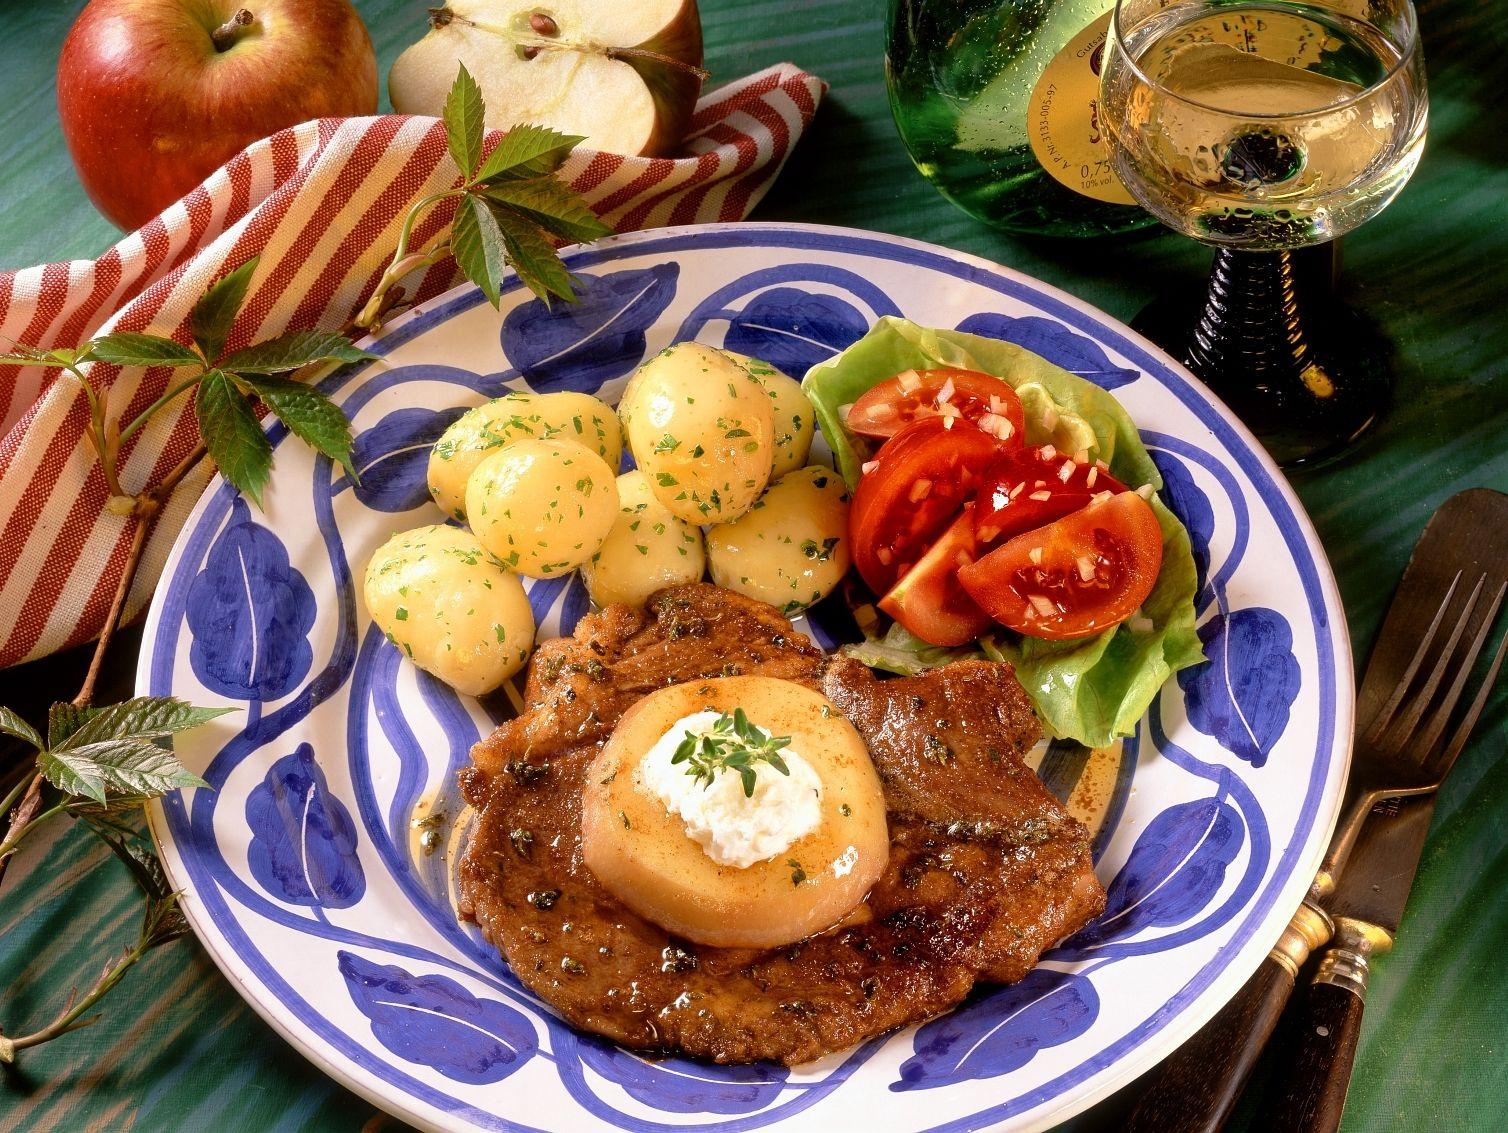 fränkische küche | bnbnews.co - Fränkische Küche Rezepte